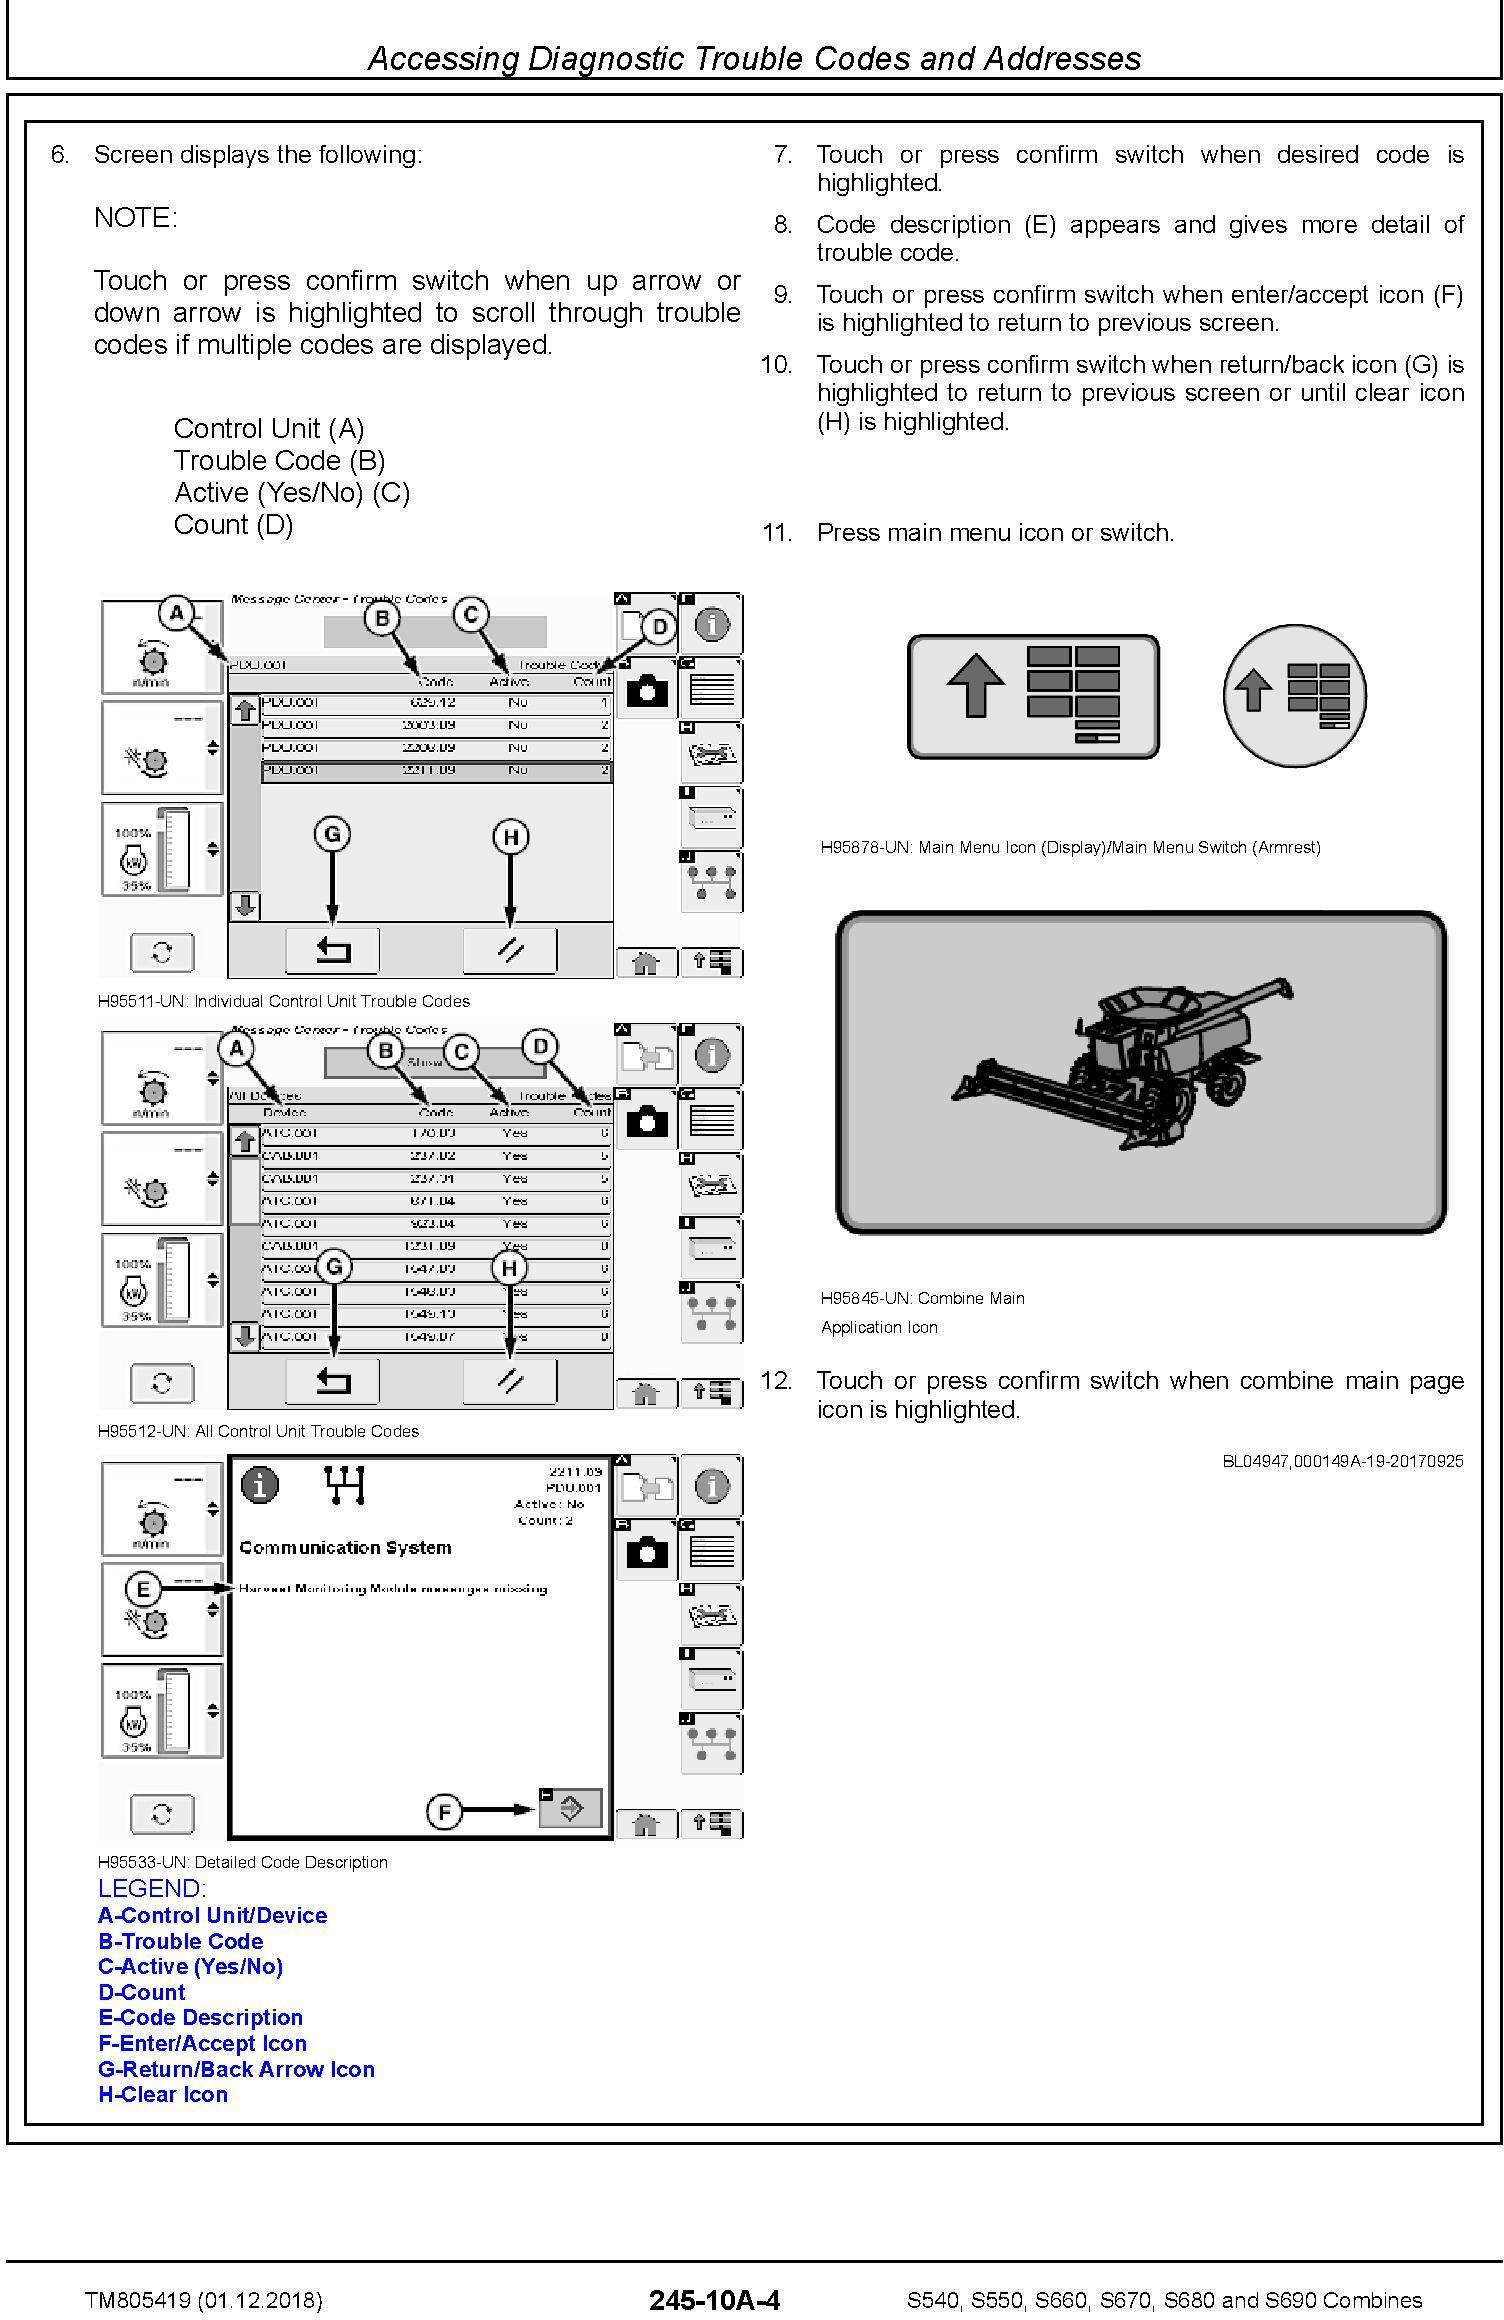 John Deere S540, S550, S660, S670, S680, S690 Combines (SN.120100-) Diagnostic Manual (TM805419) - 3